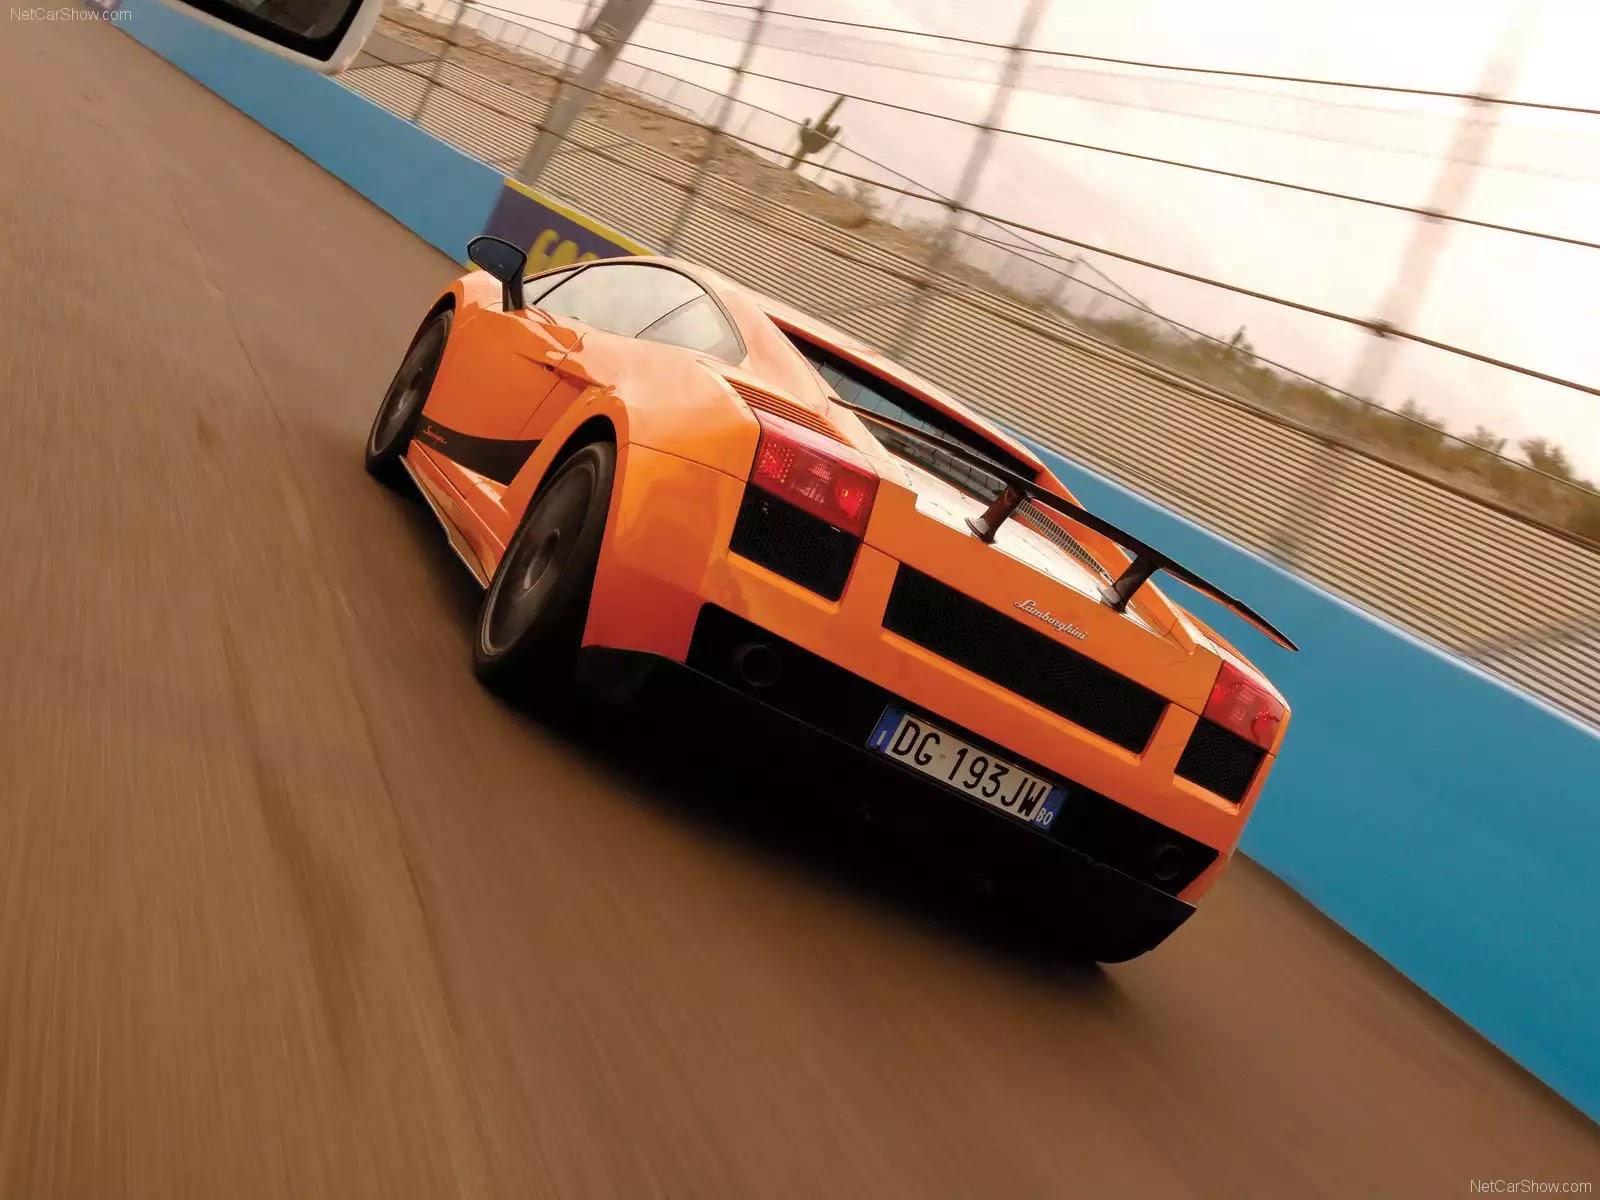 Hình ảnh siêu xe Lamborghini Gallardo Superleggera 2008 & nội ngoại thất